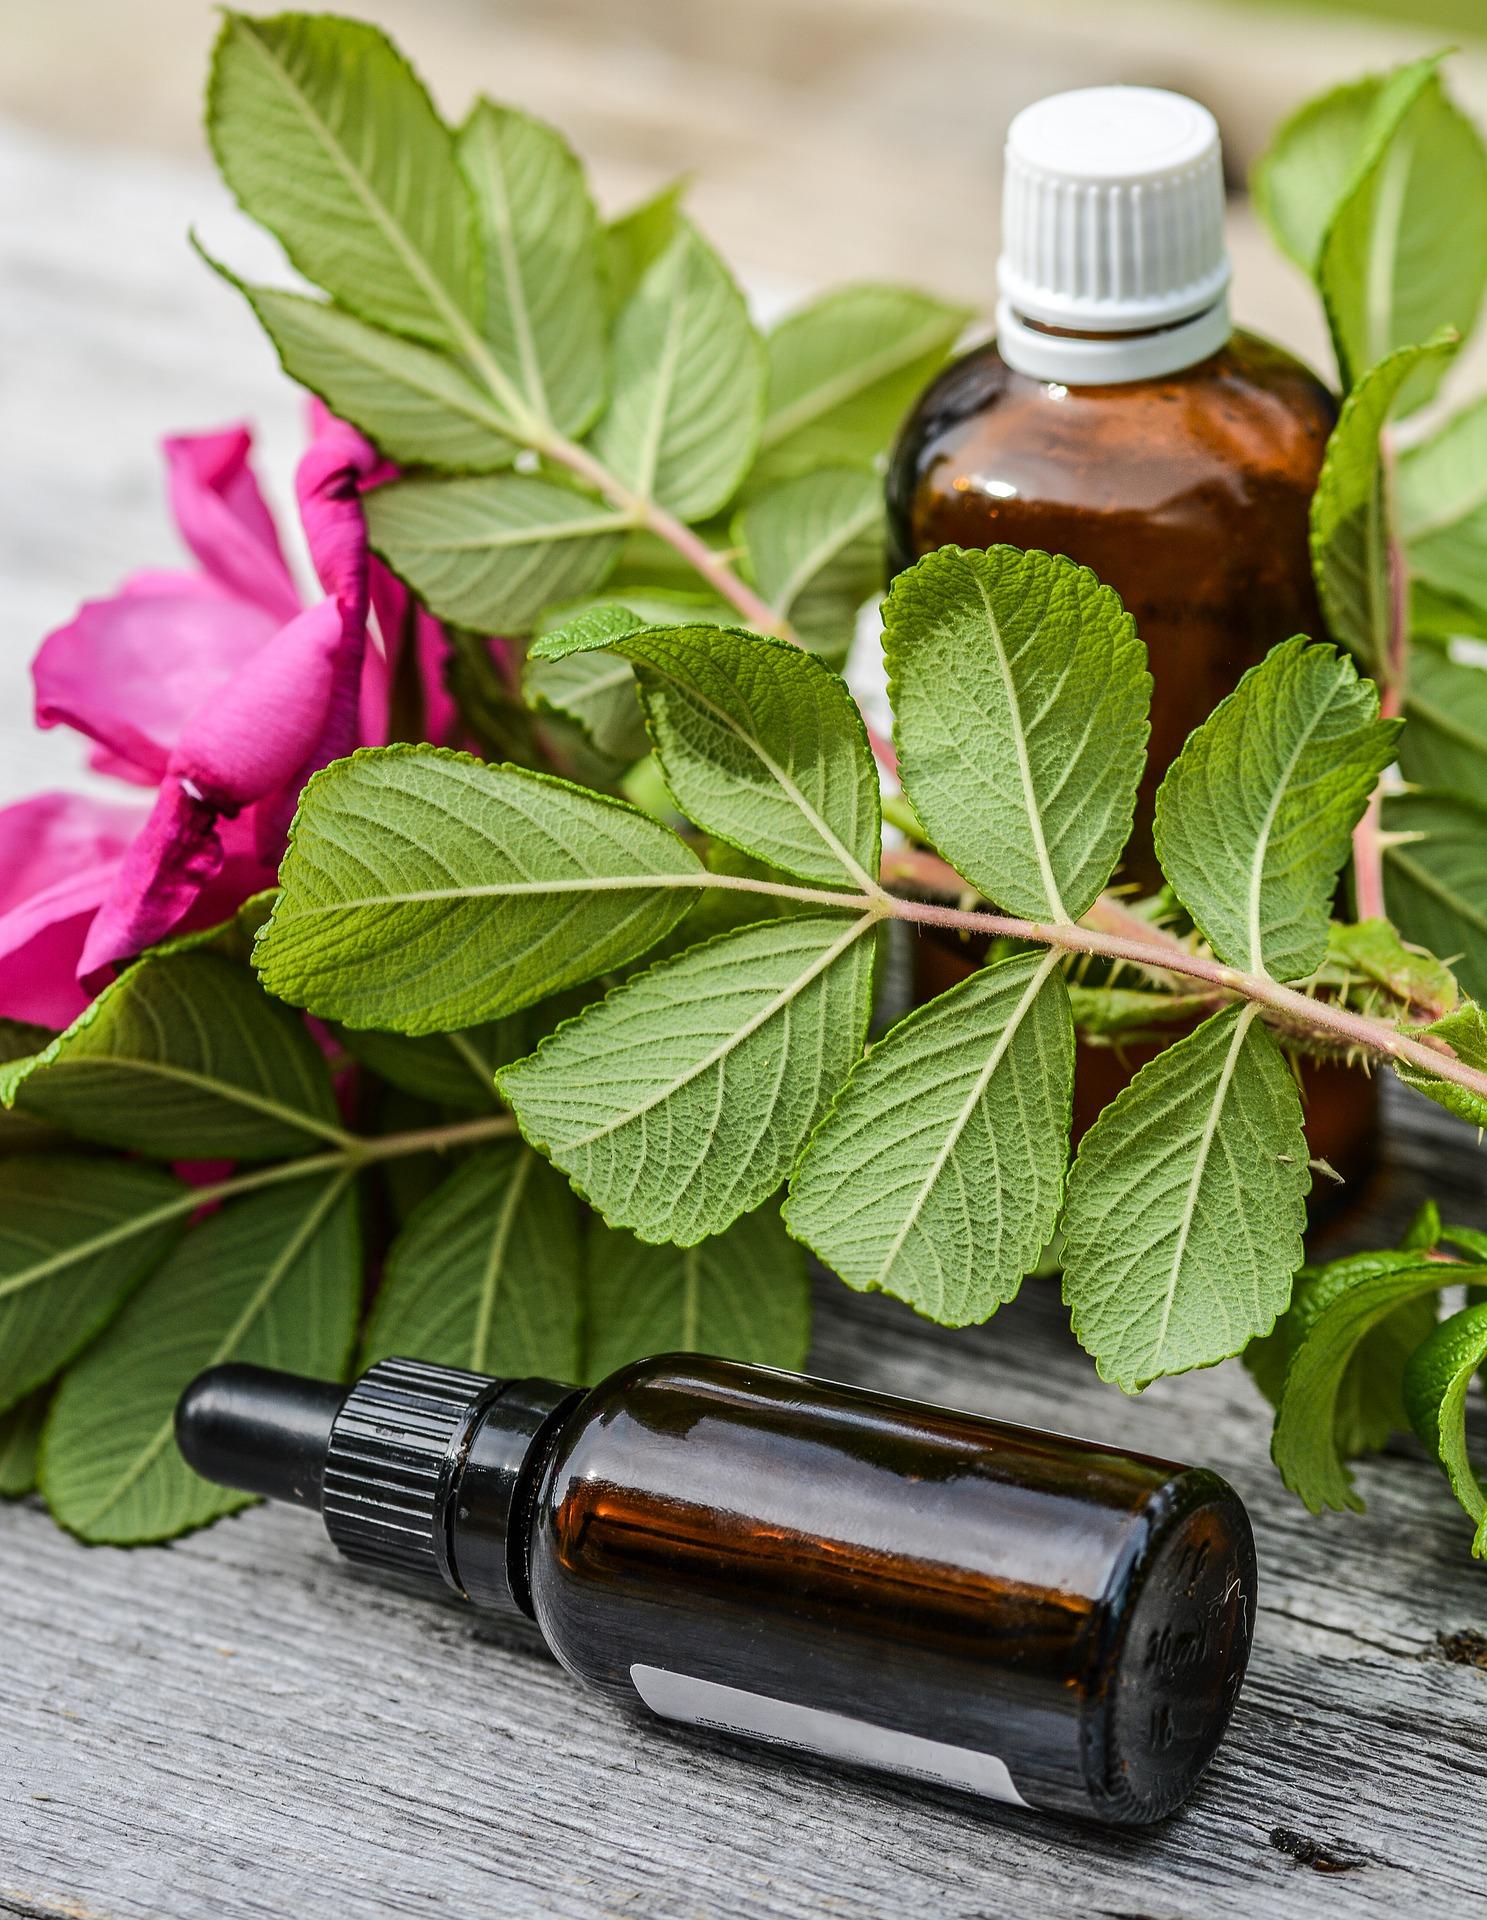 essential-oils-2535215_1920